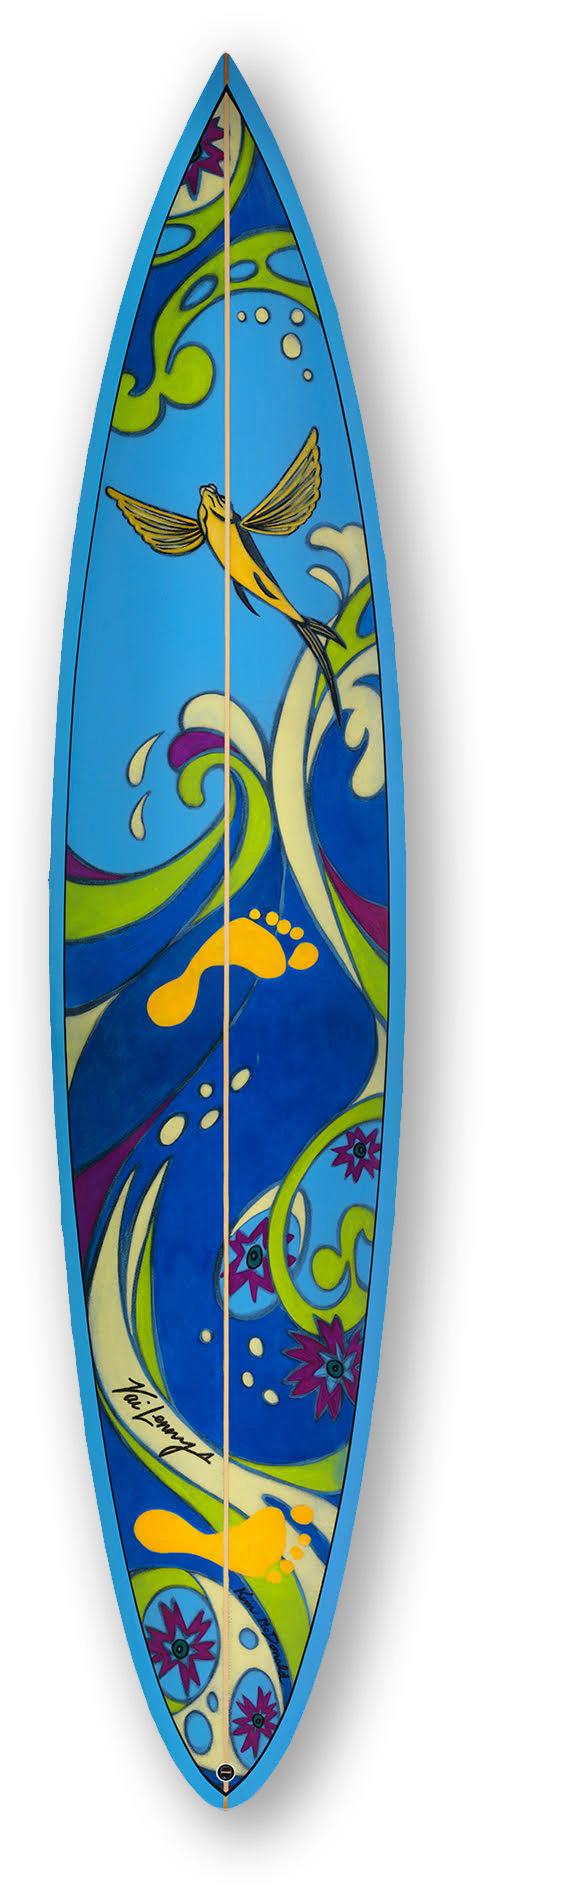 """North Shore: """"Heart & Soul"""" Size 7'6"""" Gun Surfboard"""